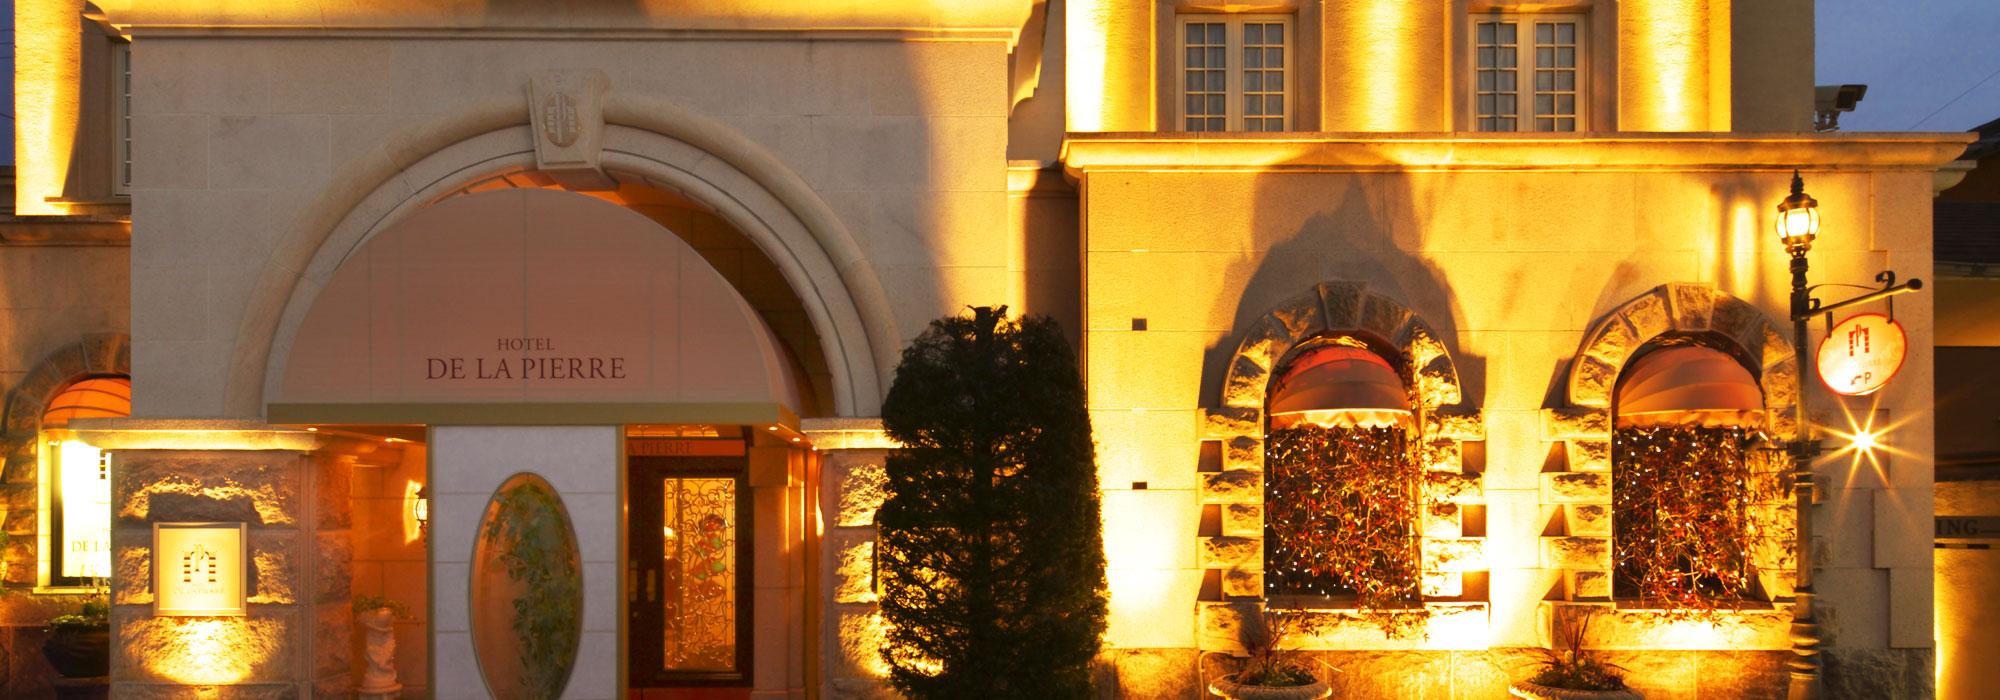 HOTEL DE LA PIERRE|空調設備更新工事完成のお知らせ